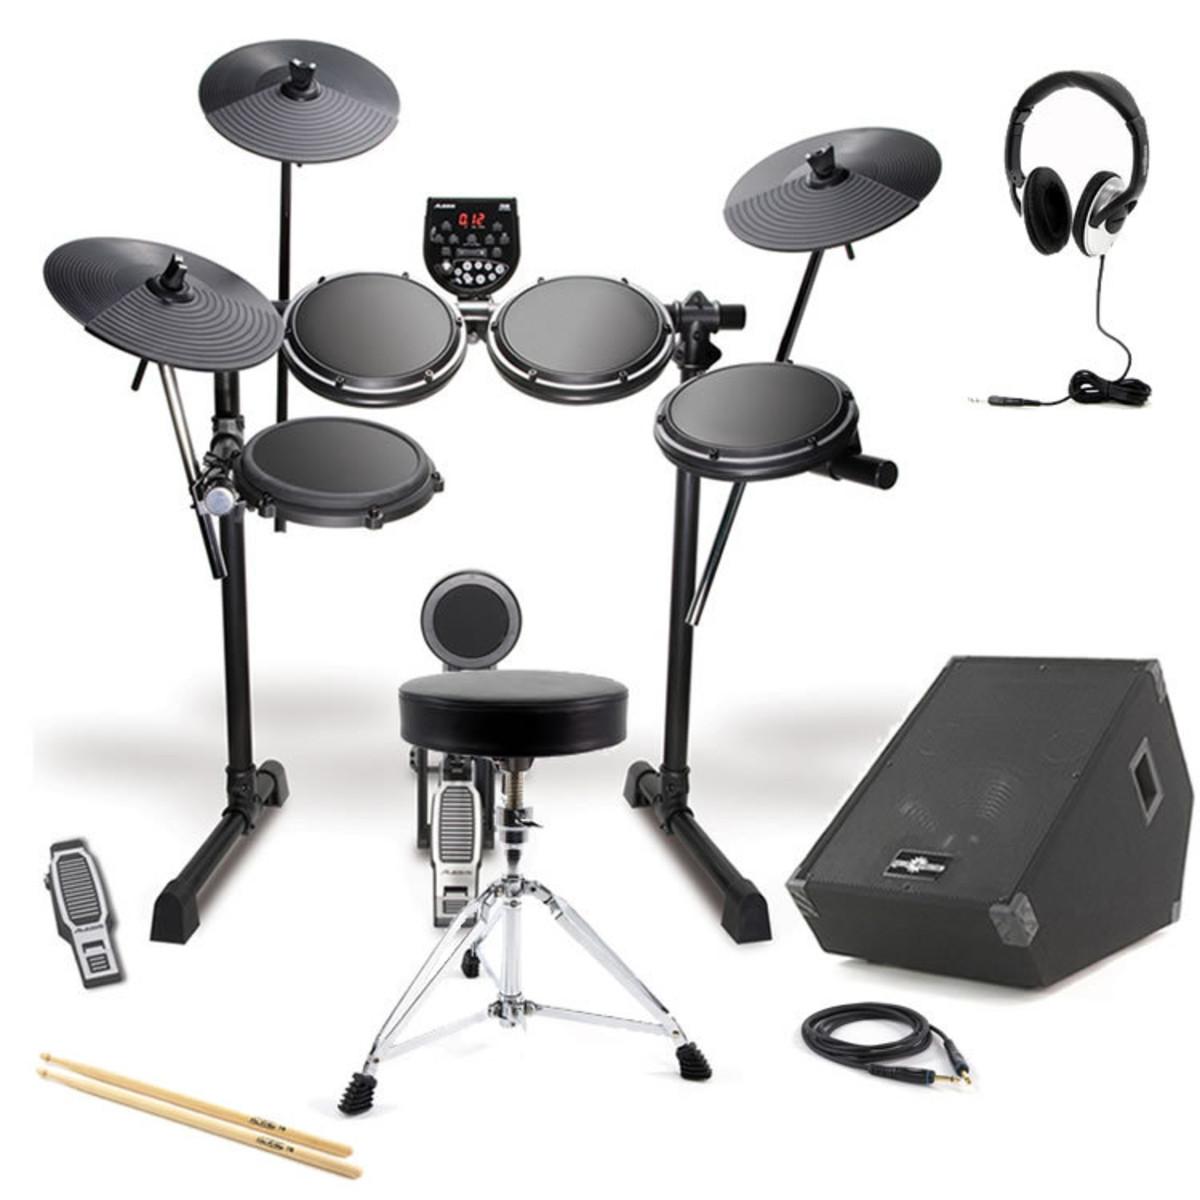 DISC Alesis DM6 Drum Kit + 150W Amp Pack